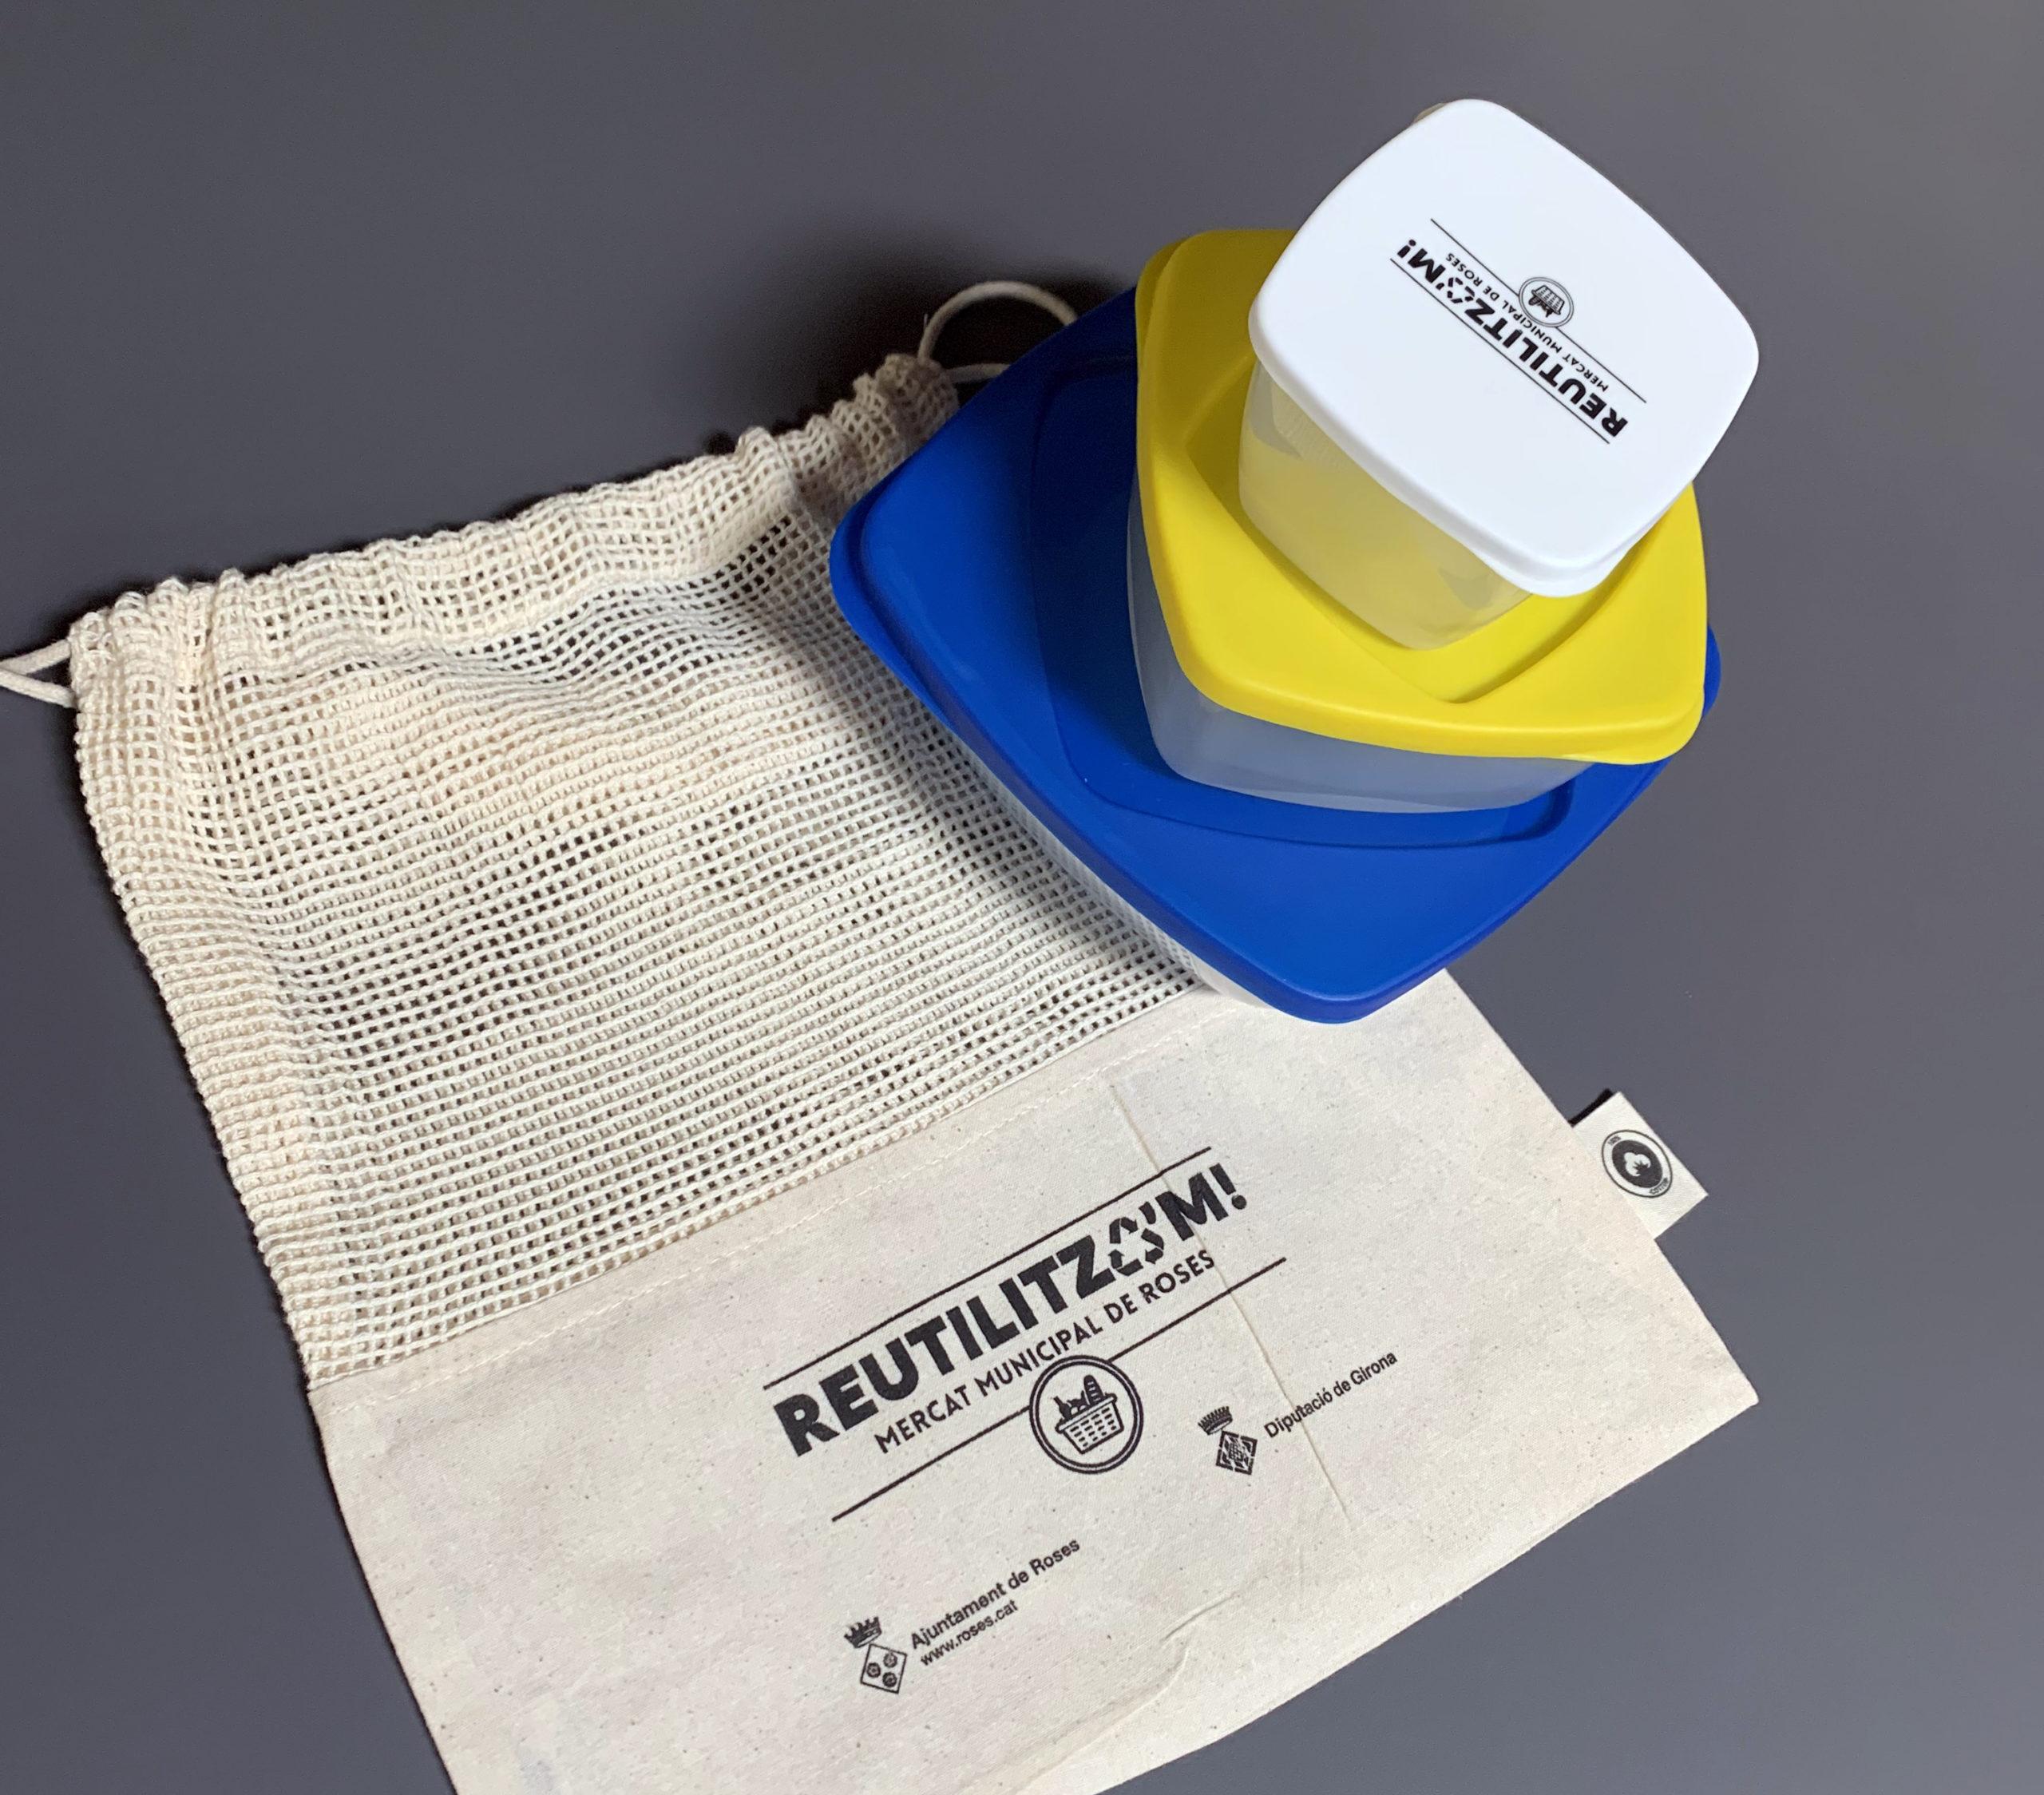 Compres més sostenibles amb la campanya Reutilitza'm i la recollida de penjadors d'un sol ús